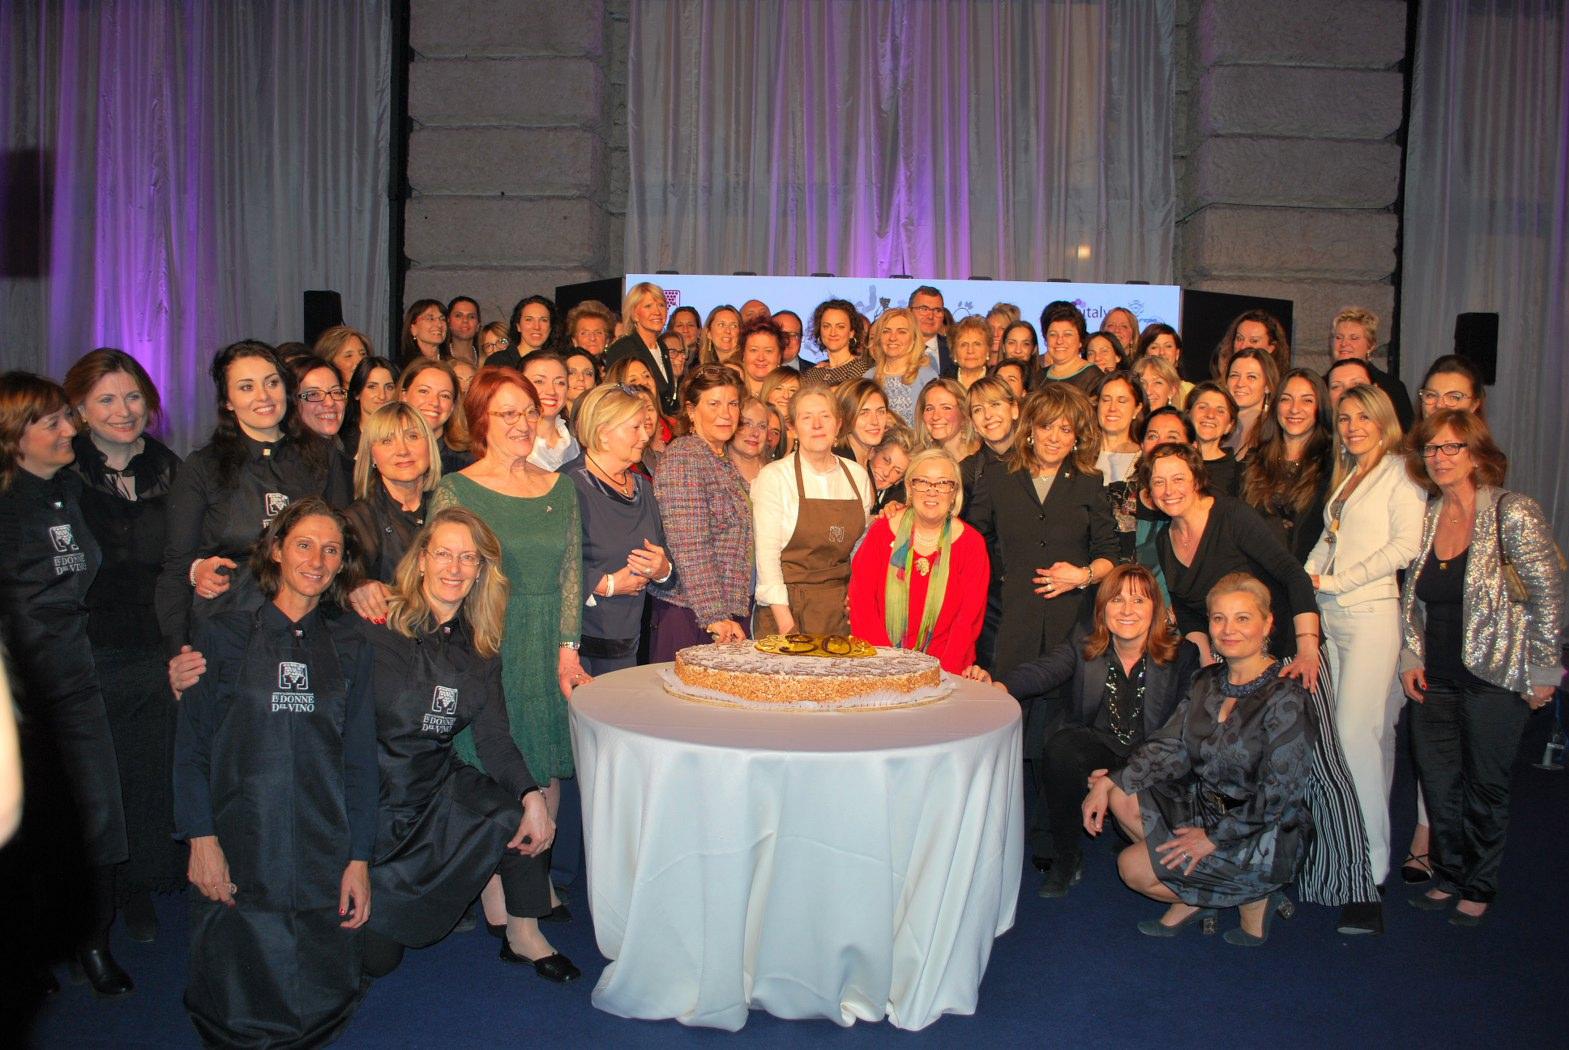 Vinitaly 2018. Festa per il trentennale delle Donne del Vino……momenti emozionanti di una splendida serata